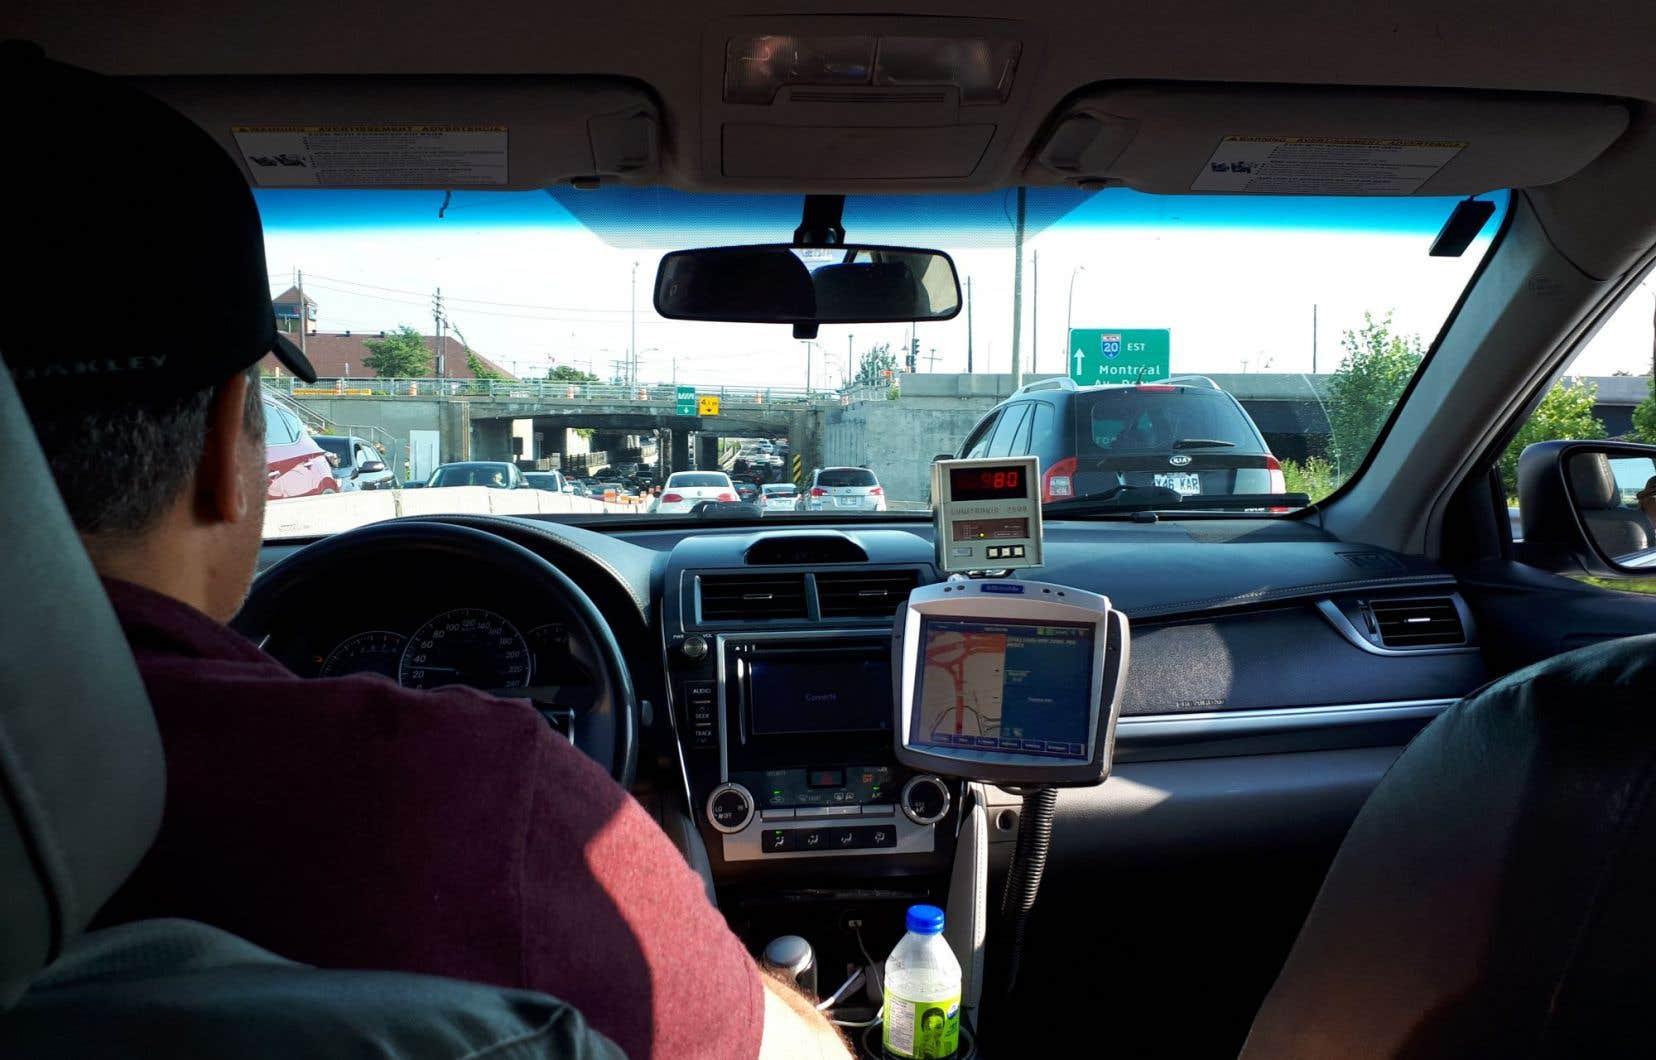 Depuis l'arrivée d'Uber, on estime que la valeur des permis à Montréal a plongé à quelque 80000$, après avoir frôlé les 200000$.